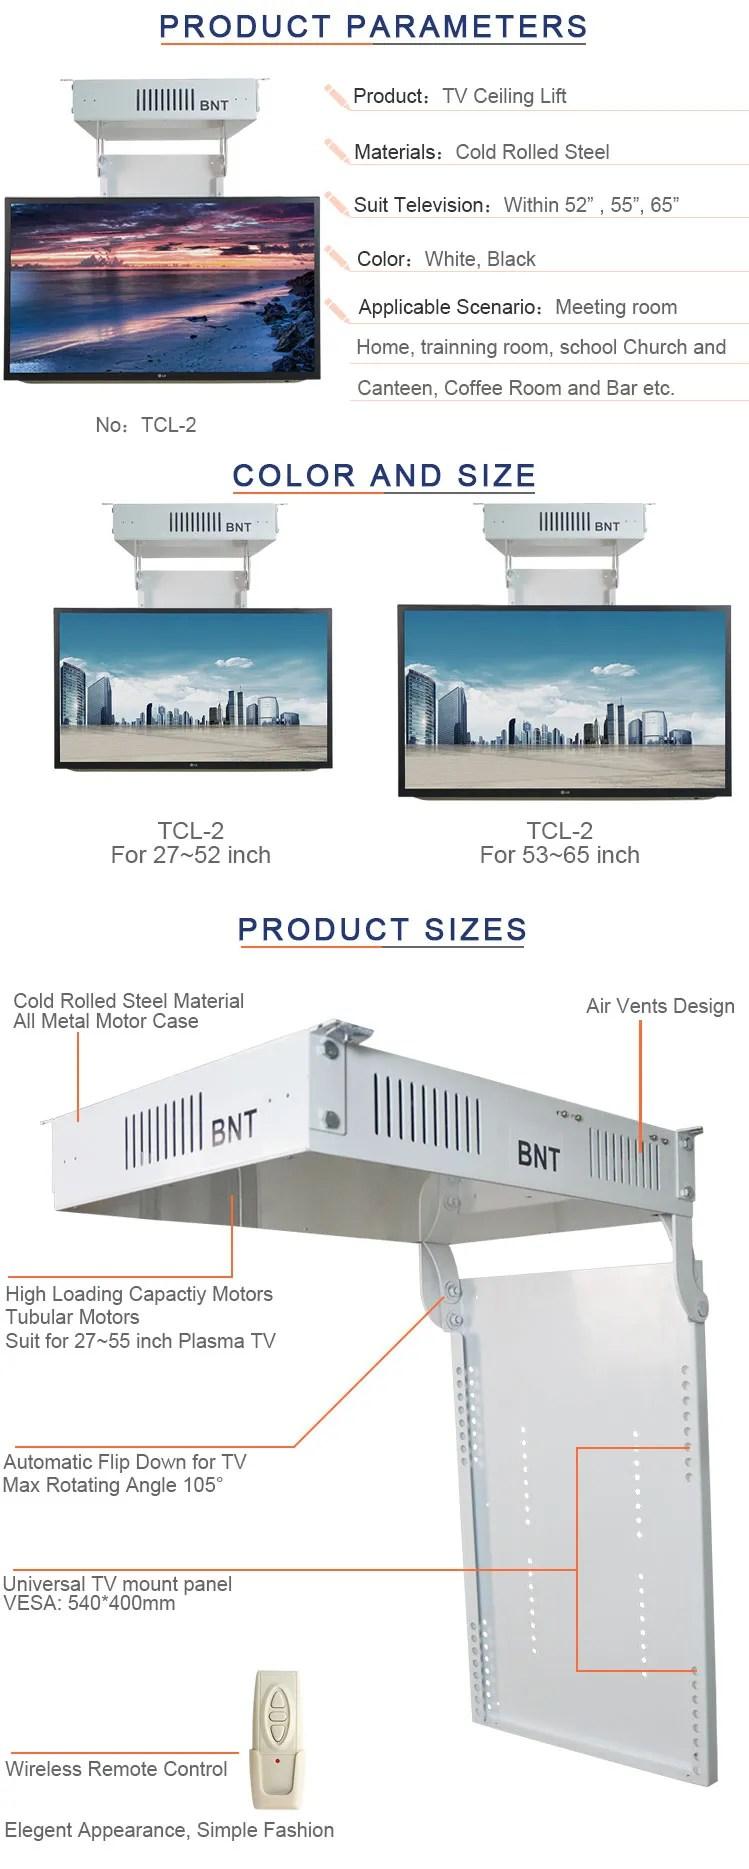 support de plafond motorise pour chambre a coucher mecanisme de levage motorise pour un plafond de television 55 buy ascenseur de tv ascenseur de